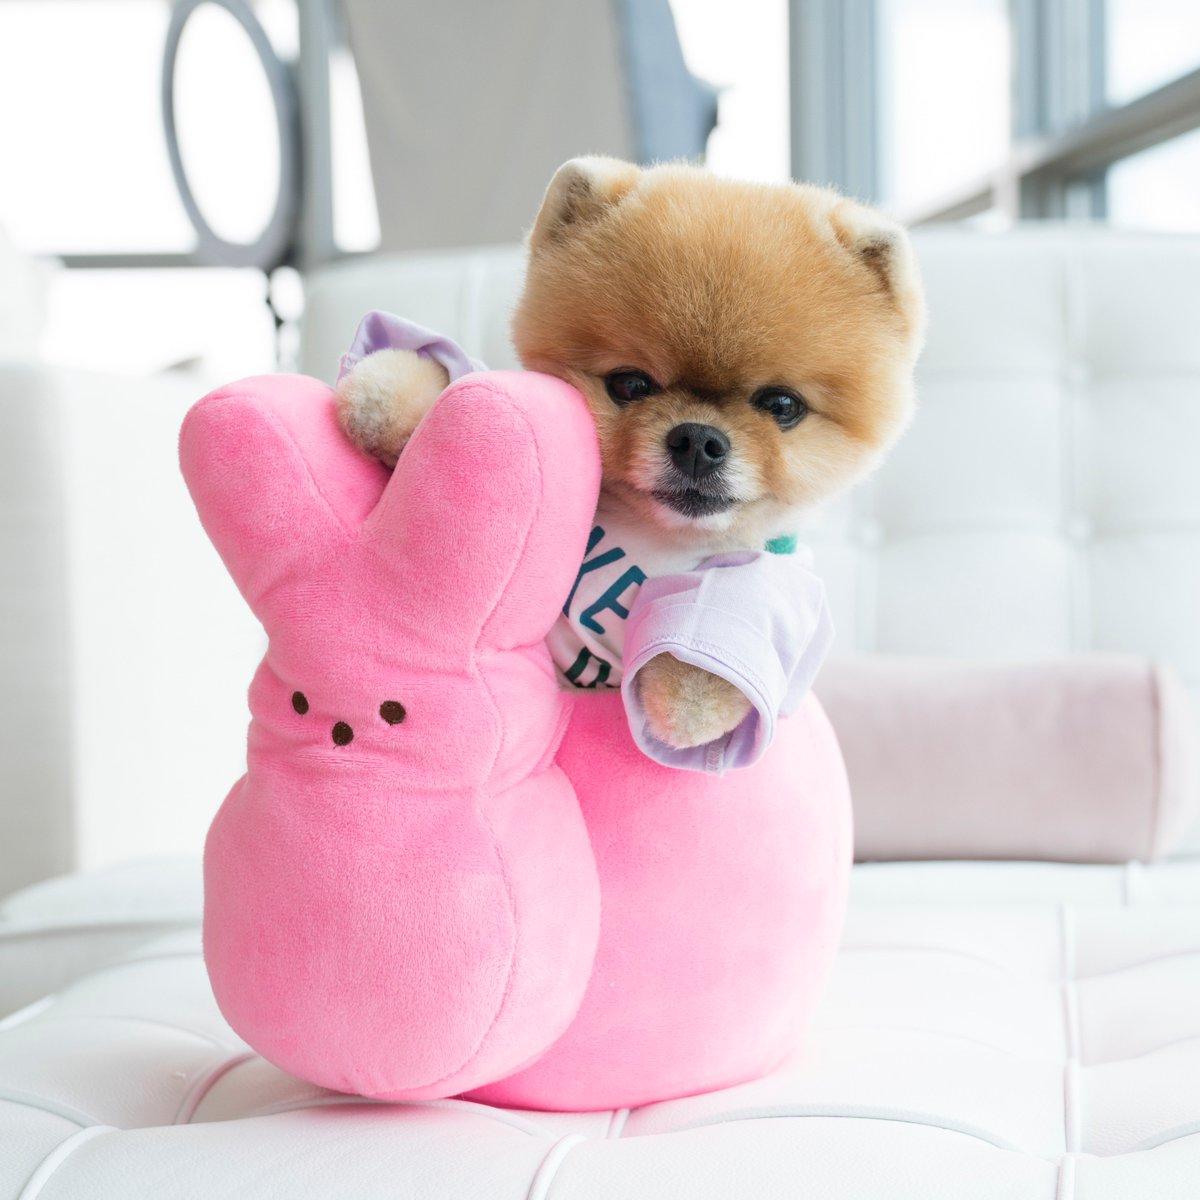 Jiffpom é o mais popular de todos da lista de animais fantáticos nas redes sociais.